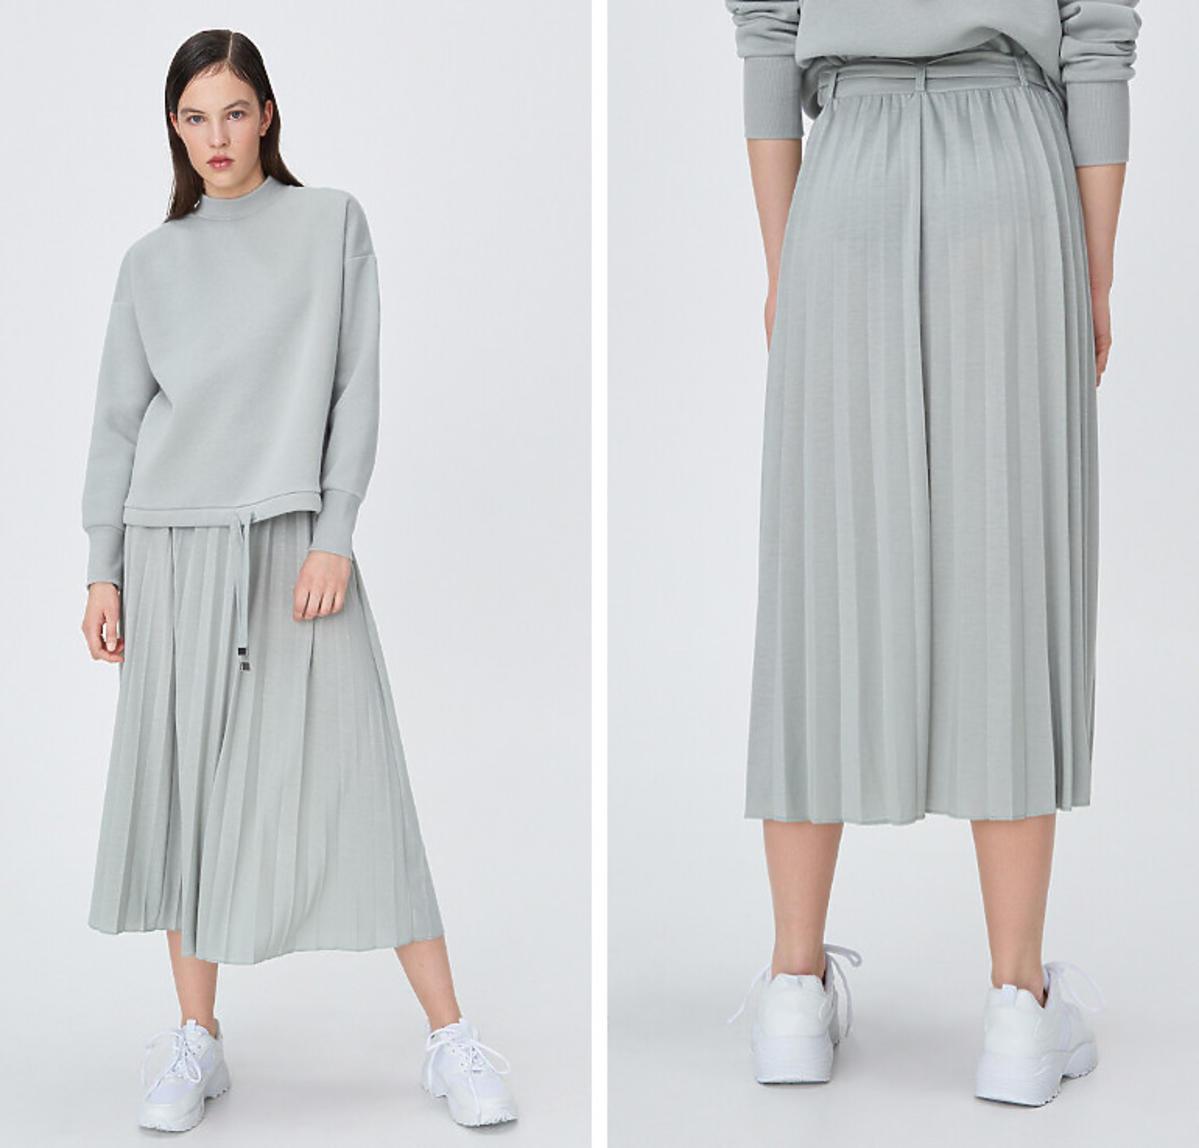 Spódnica plisowana Sinsay za 59 zł